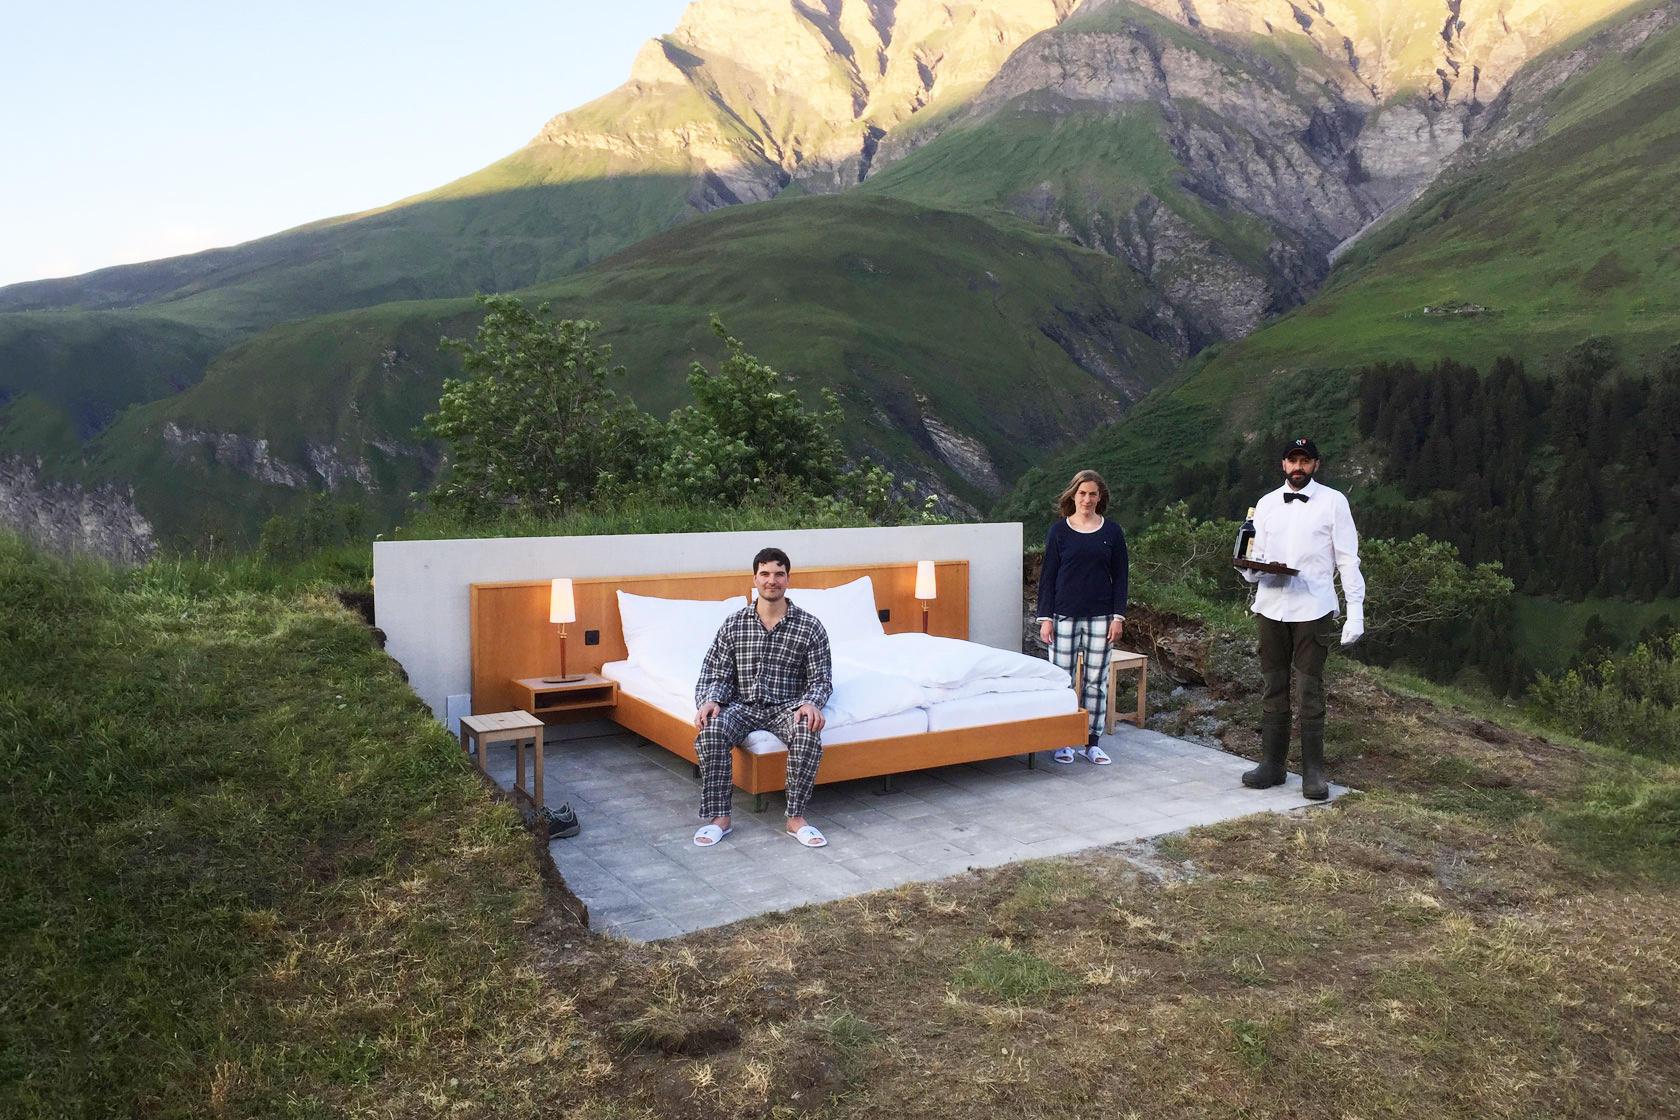 Ένα Σουηδικό ξενοδοχείο στις Ελβετικές Άλπεις χωρίς τοίχους και στέγη!